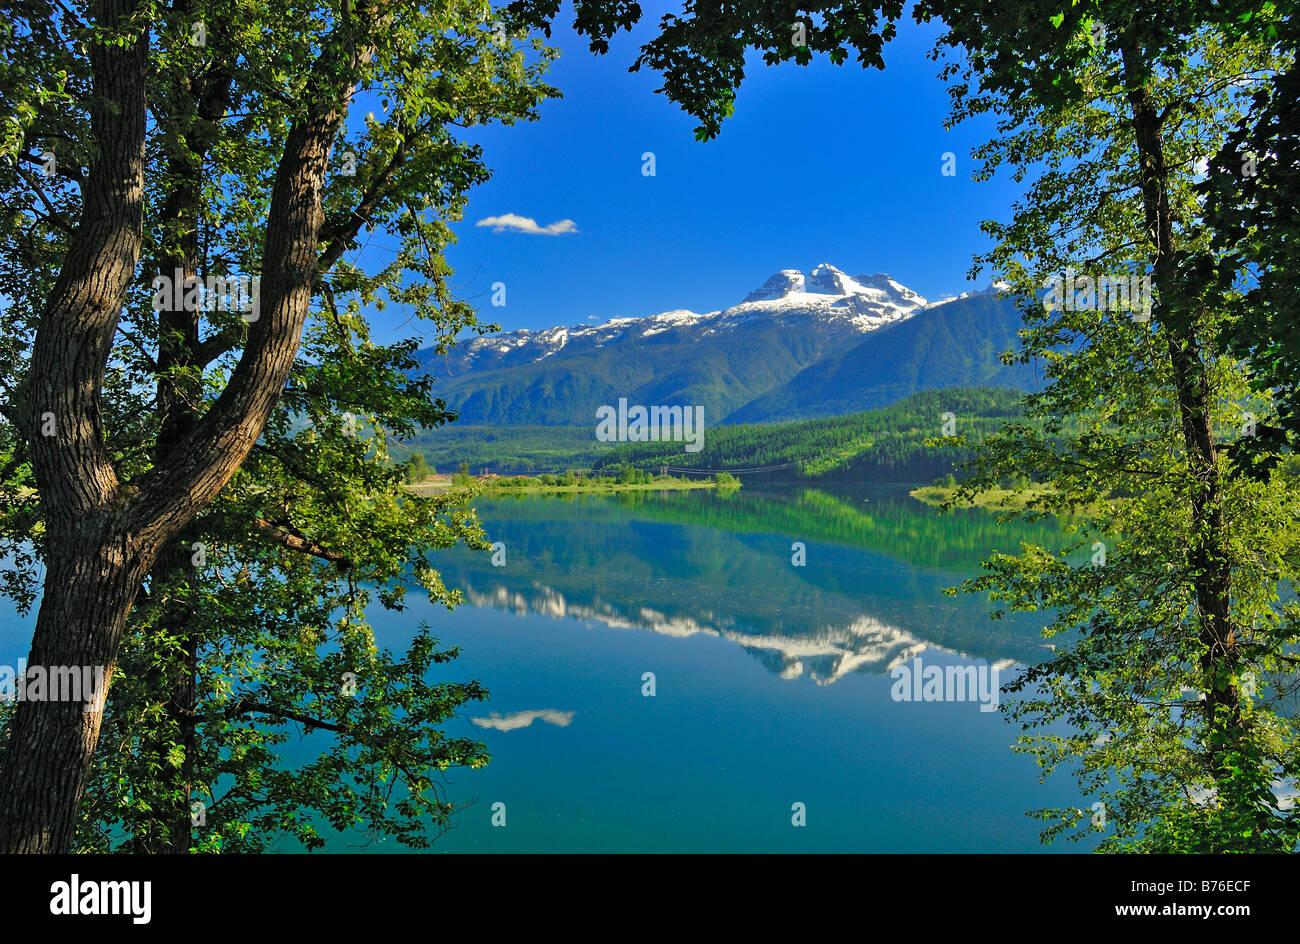 Monte Begbie, cerca de la ciudad de Revelstoke, en British Columbia, Canadá, flanqueado por árboles. Formato Imagen De Stock